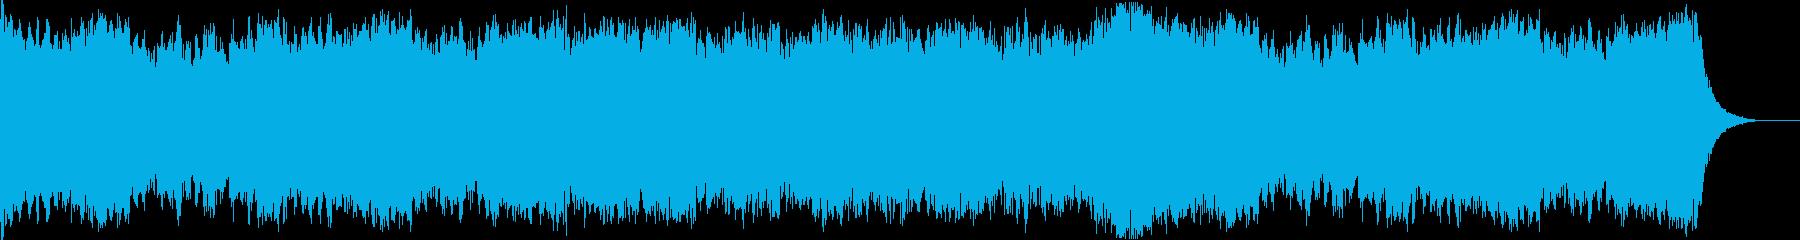 KH風何か始まりそうなオーケストラ楽曲の再生済みの波形